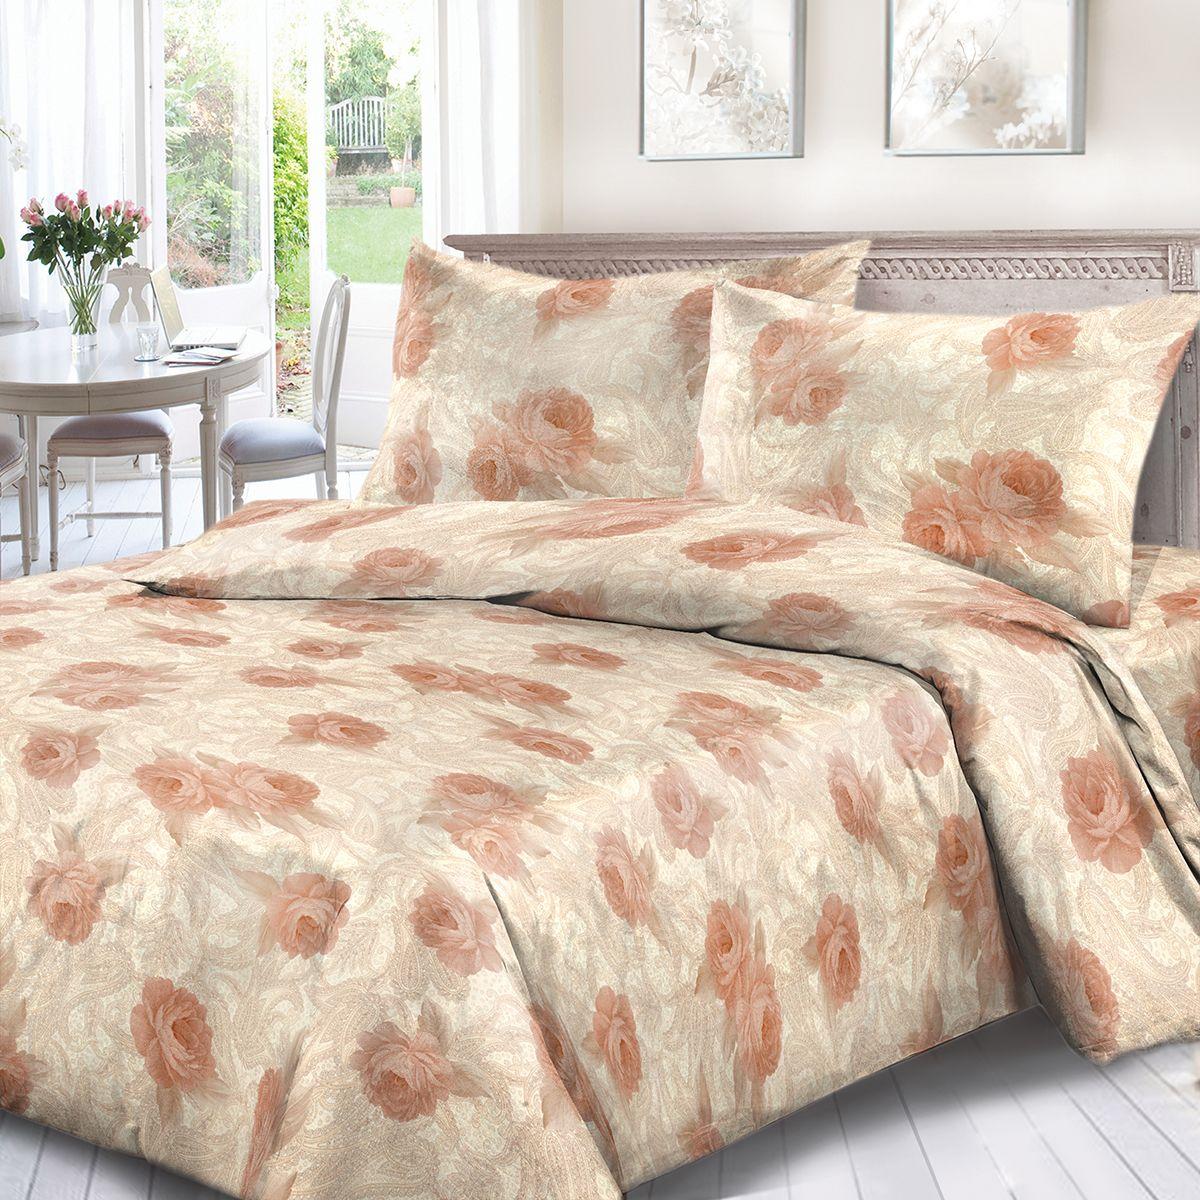 Комплект белья Сорренто Ажур, 2-х спальное, наволочки 70x70, цвет: бежевый. 1664-189083